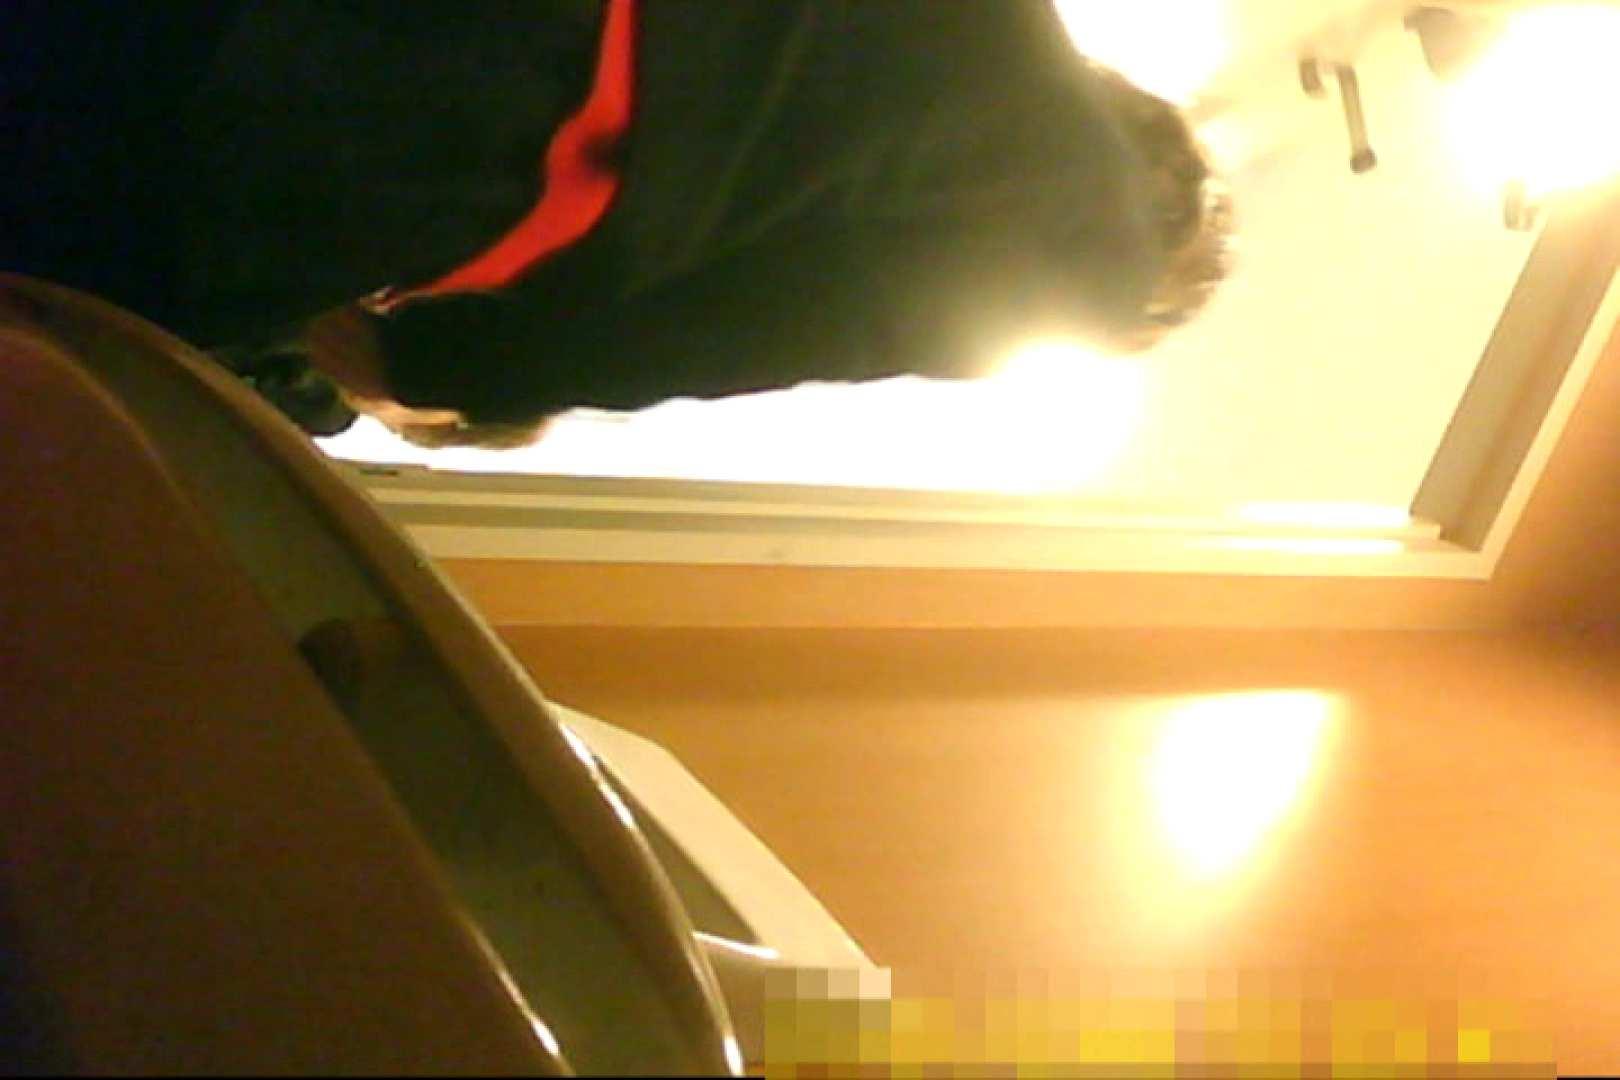 魅惑の化粧室~禁断のプライベート空間~15 プライベート  103pic 71